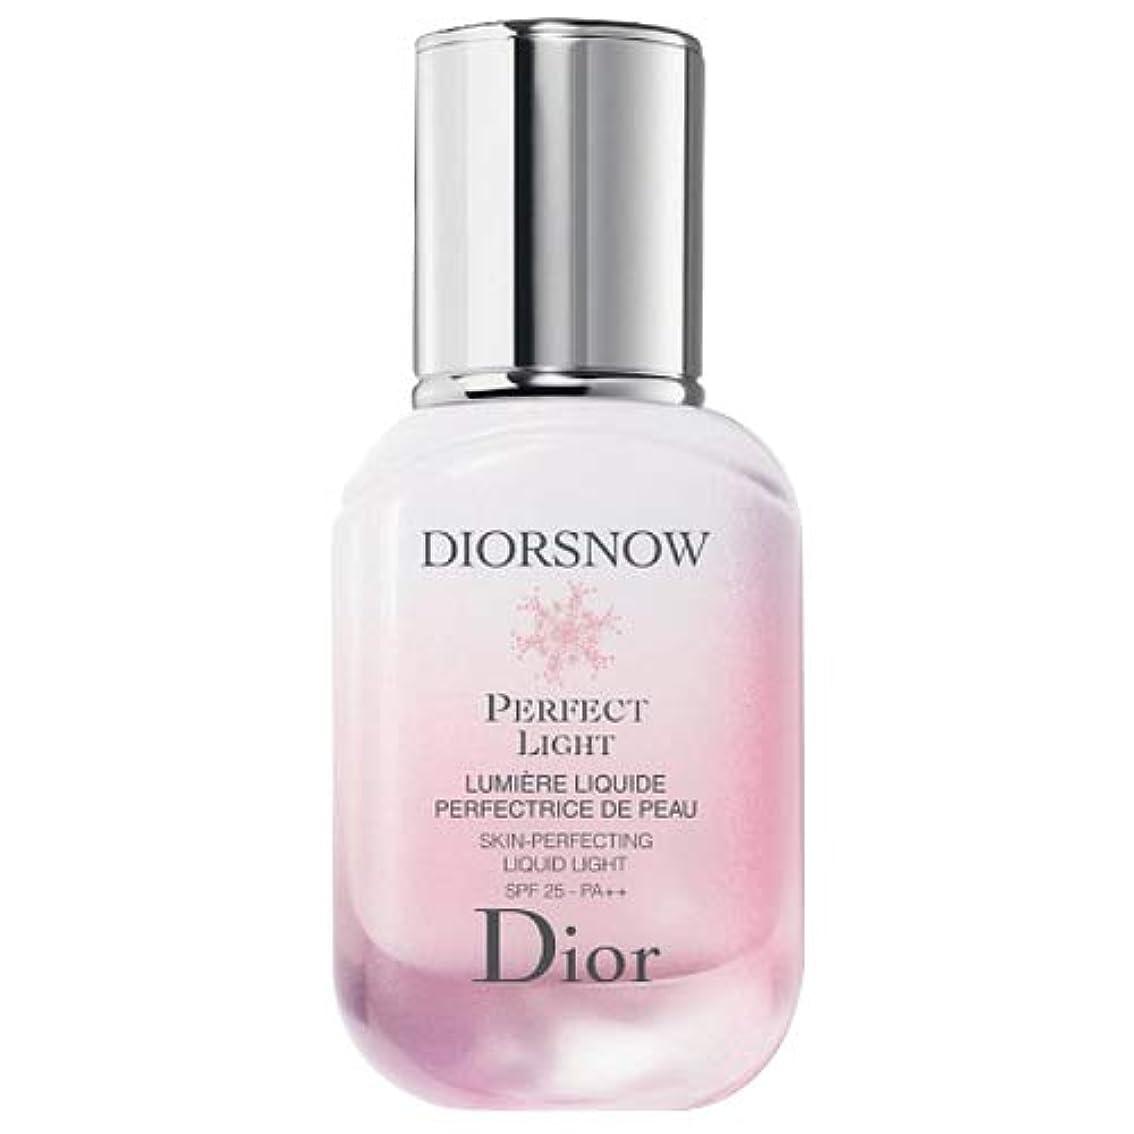 証人豊かなリールクリスチャンディオール Christian Dior スノーパーフェクト ライト SPF25/PA++ 30mL [並行輸入品]